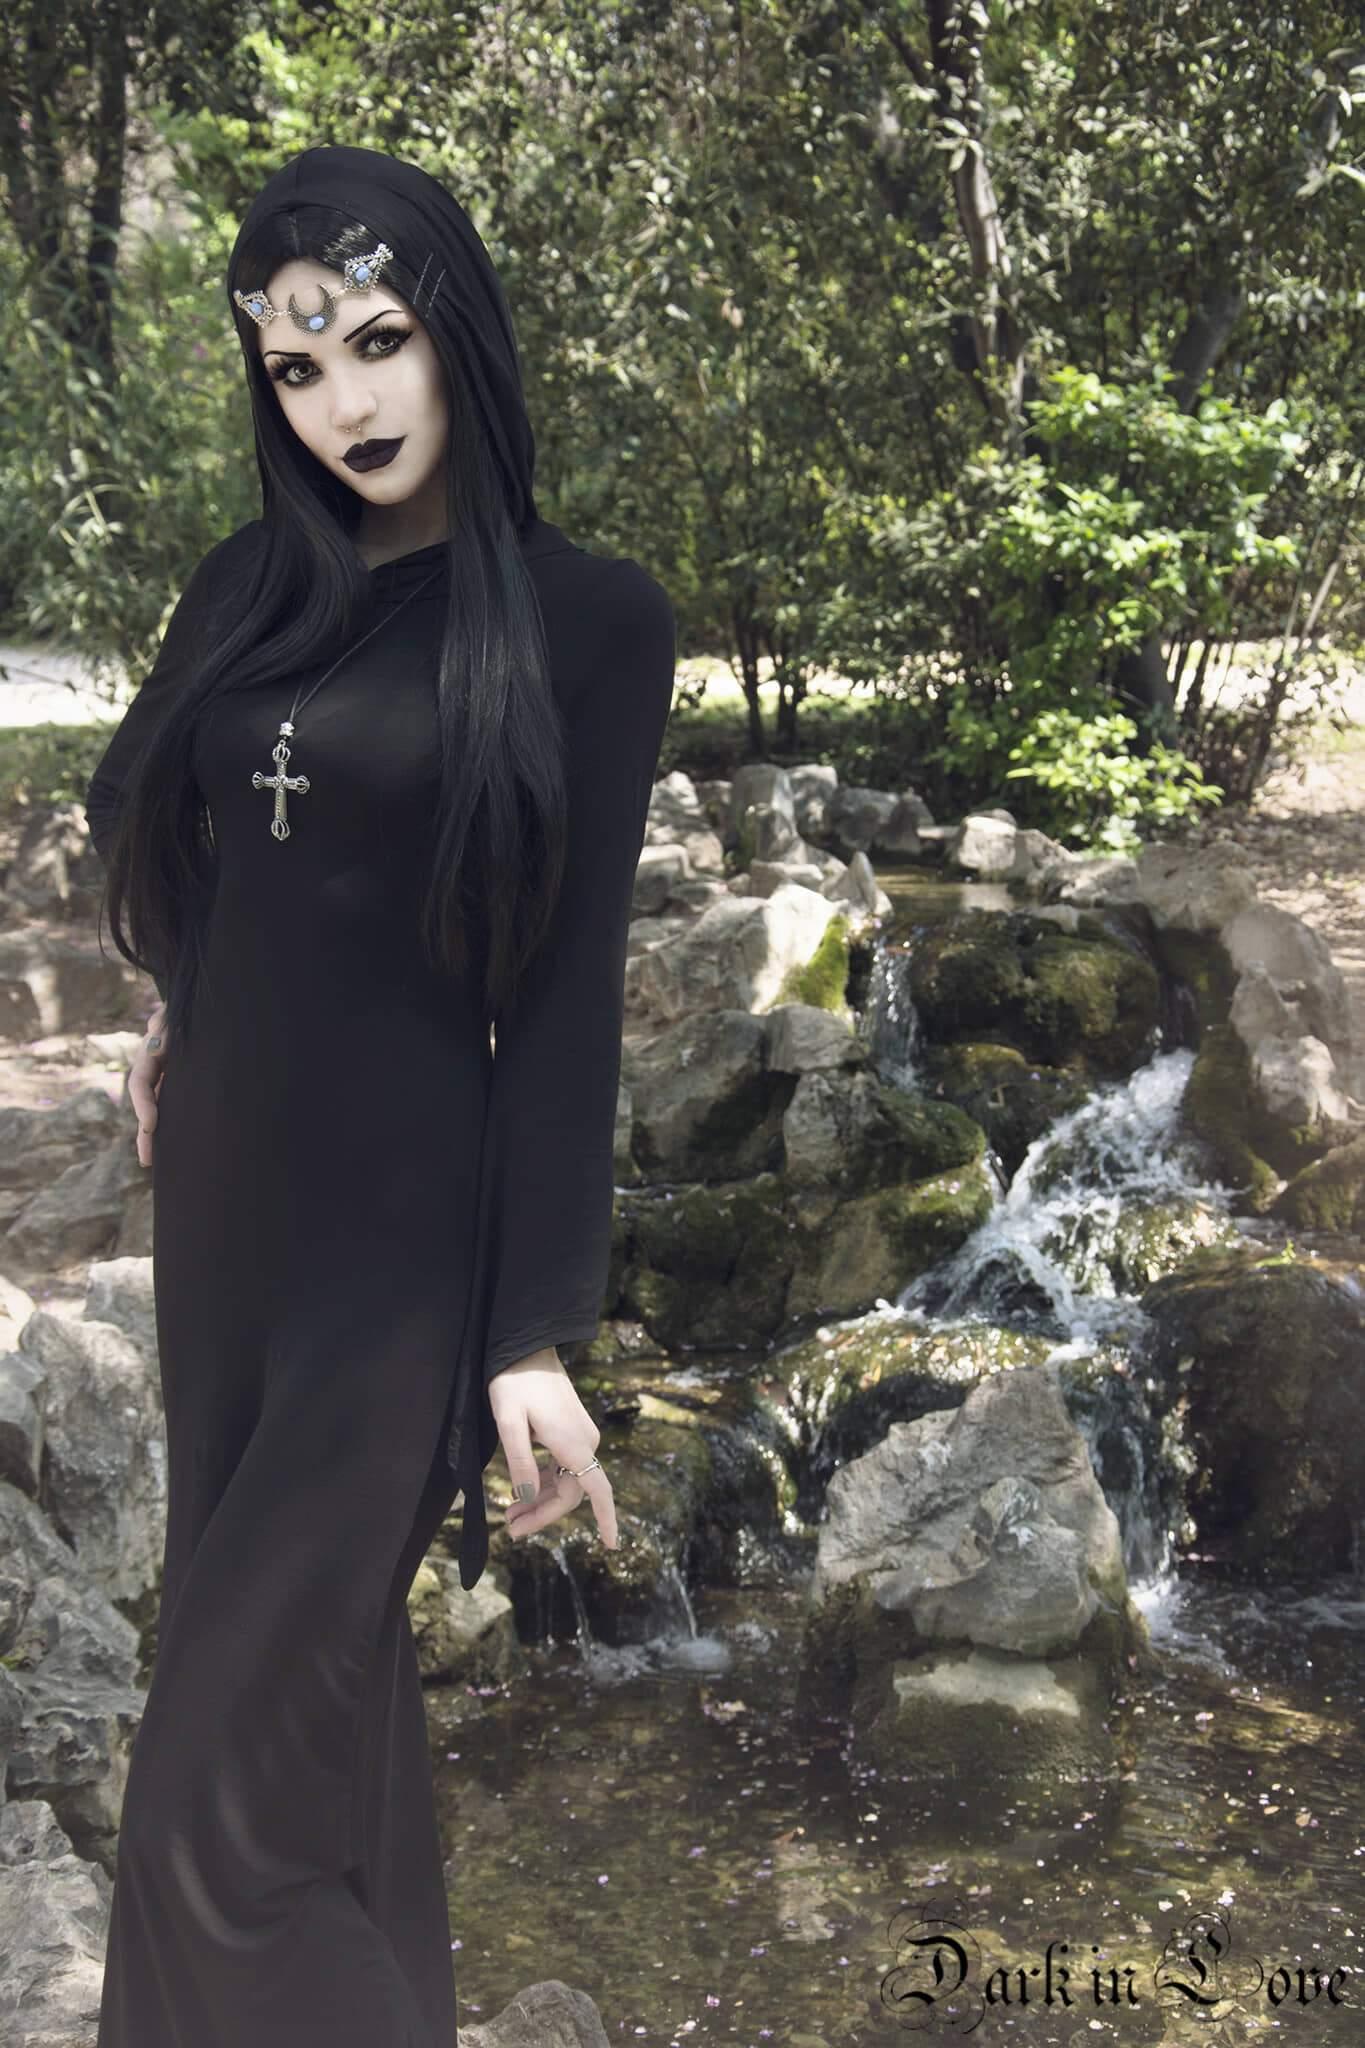 Darkinlove Vrouwen Gothic Jurk Zwart Hooded Backless Stage Performance Lange Jurk Betrouwbare Prestaties